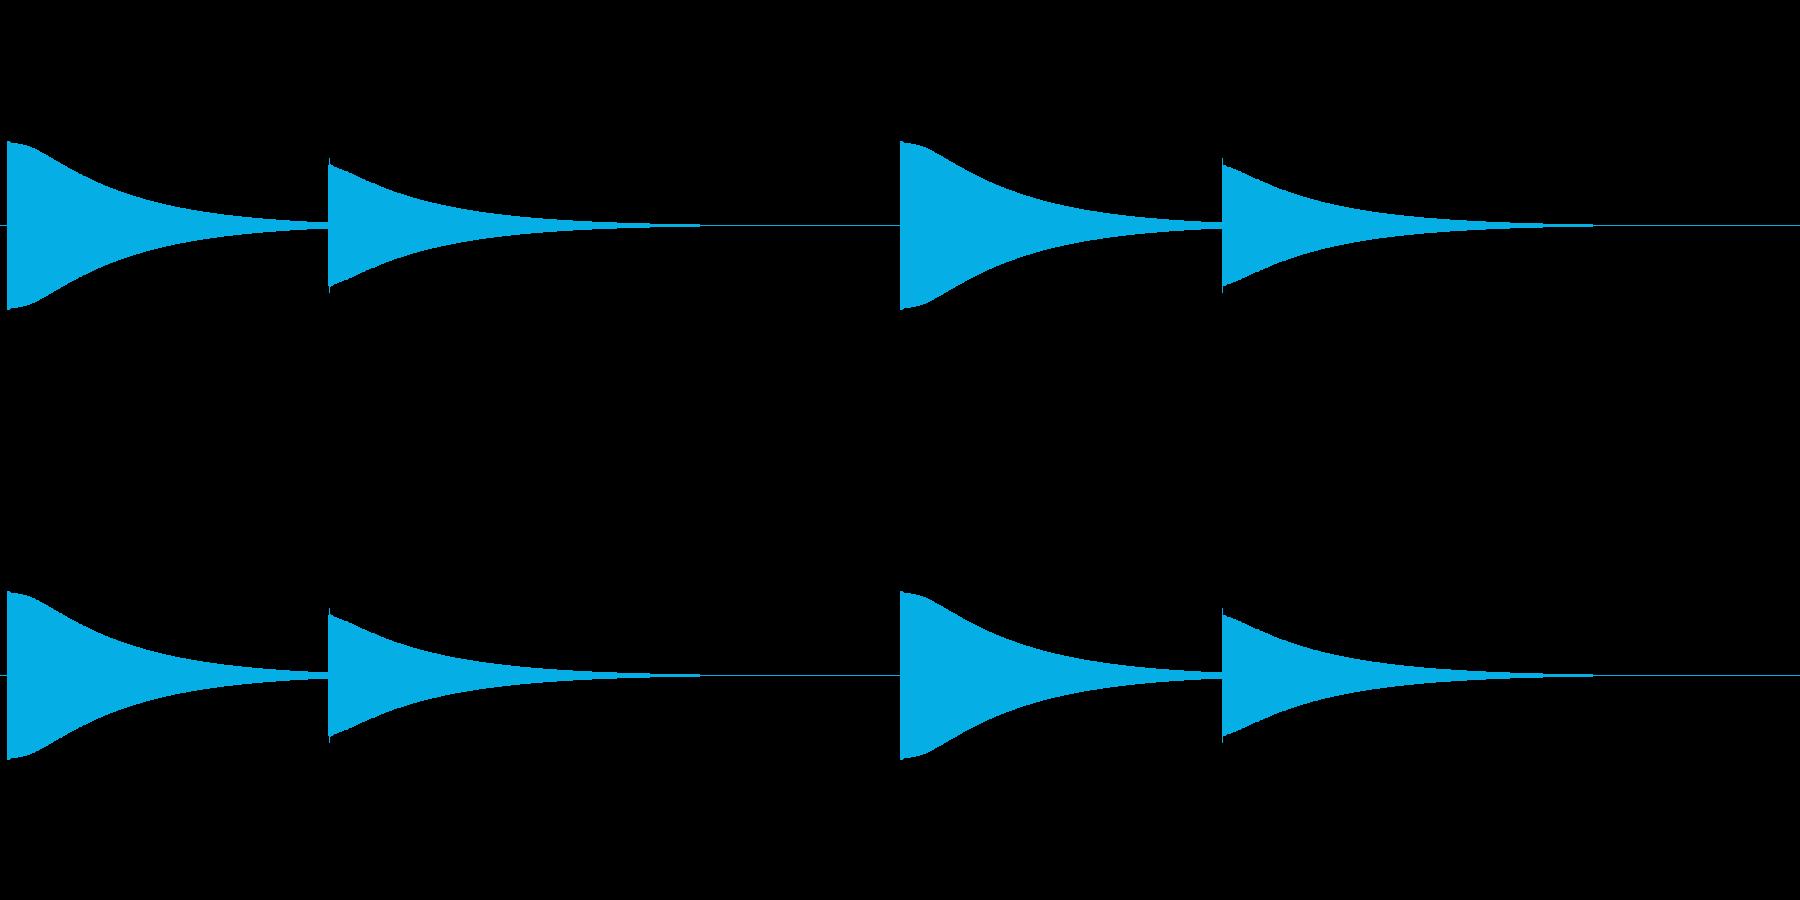 【改札 誘導音01-4L】の再生済みの波形